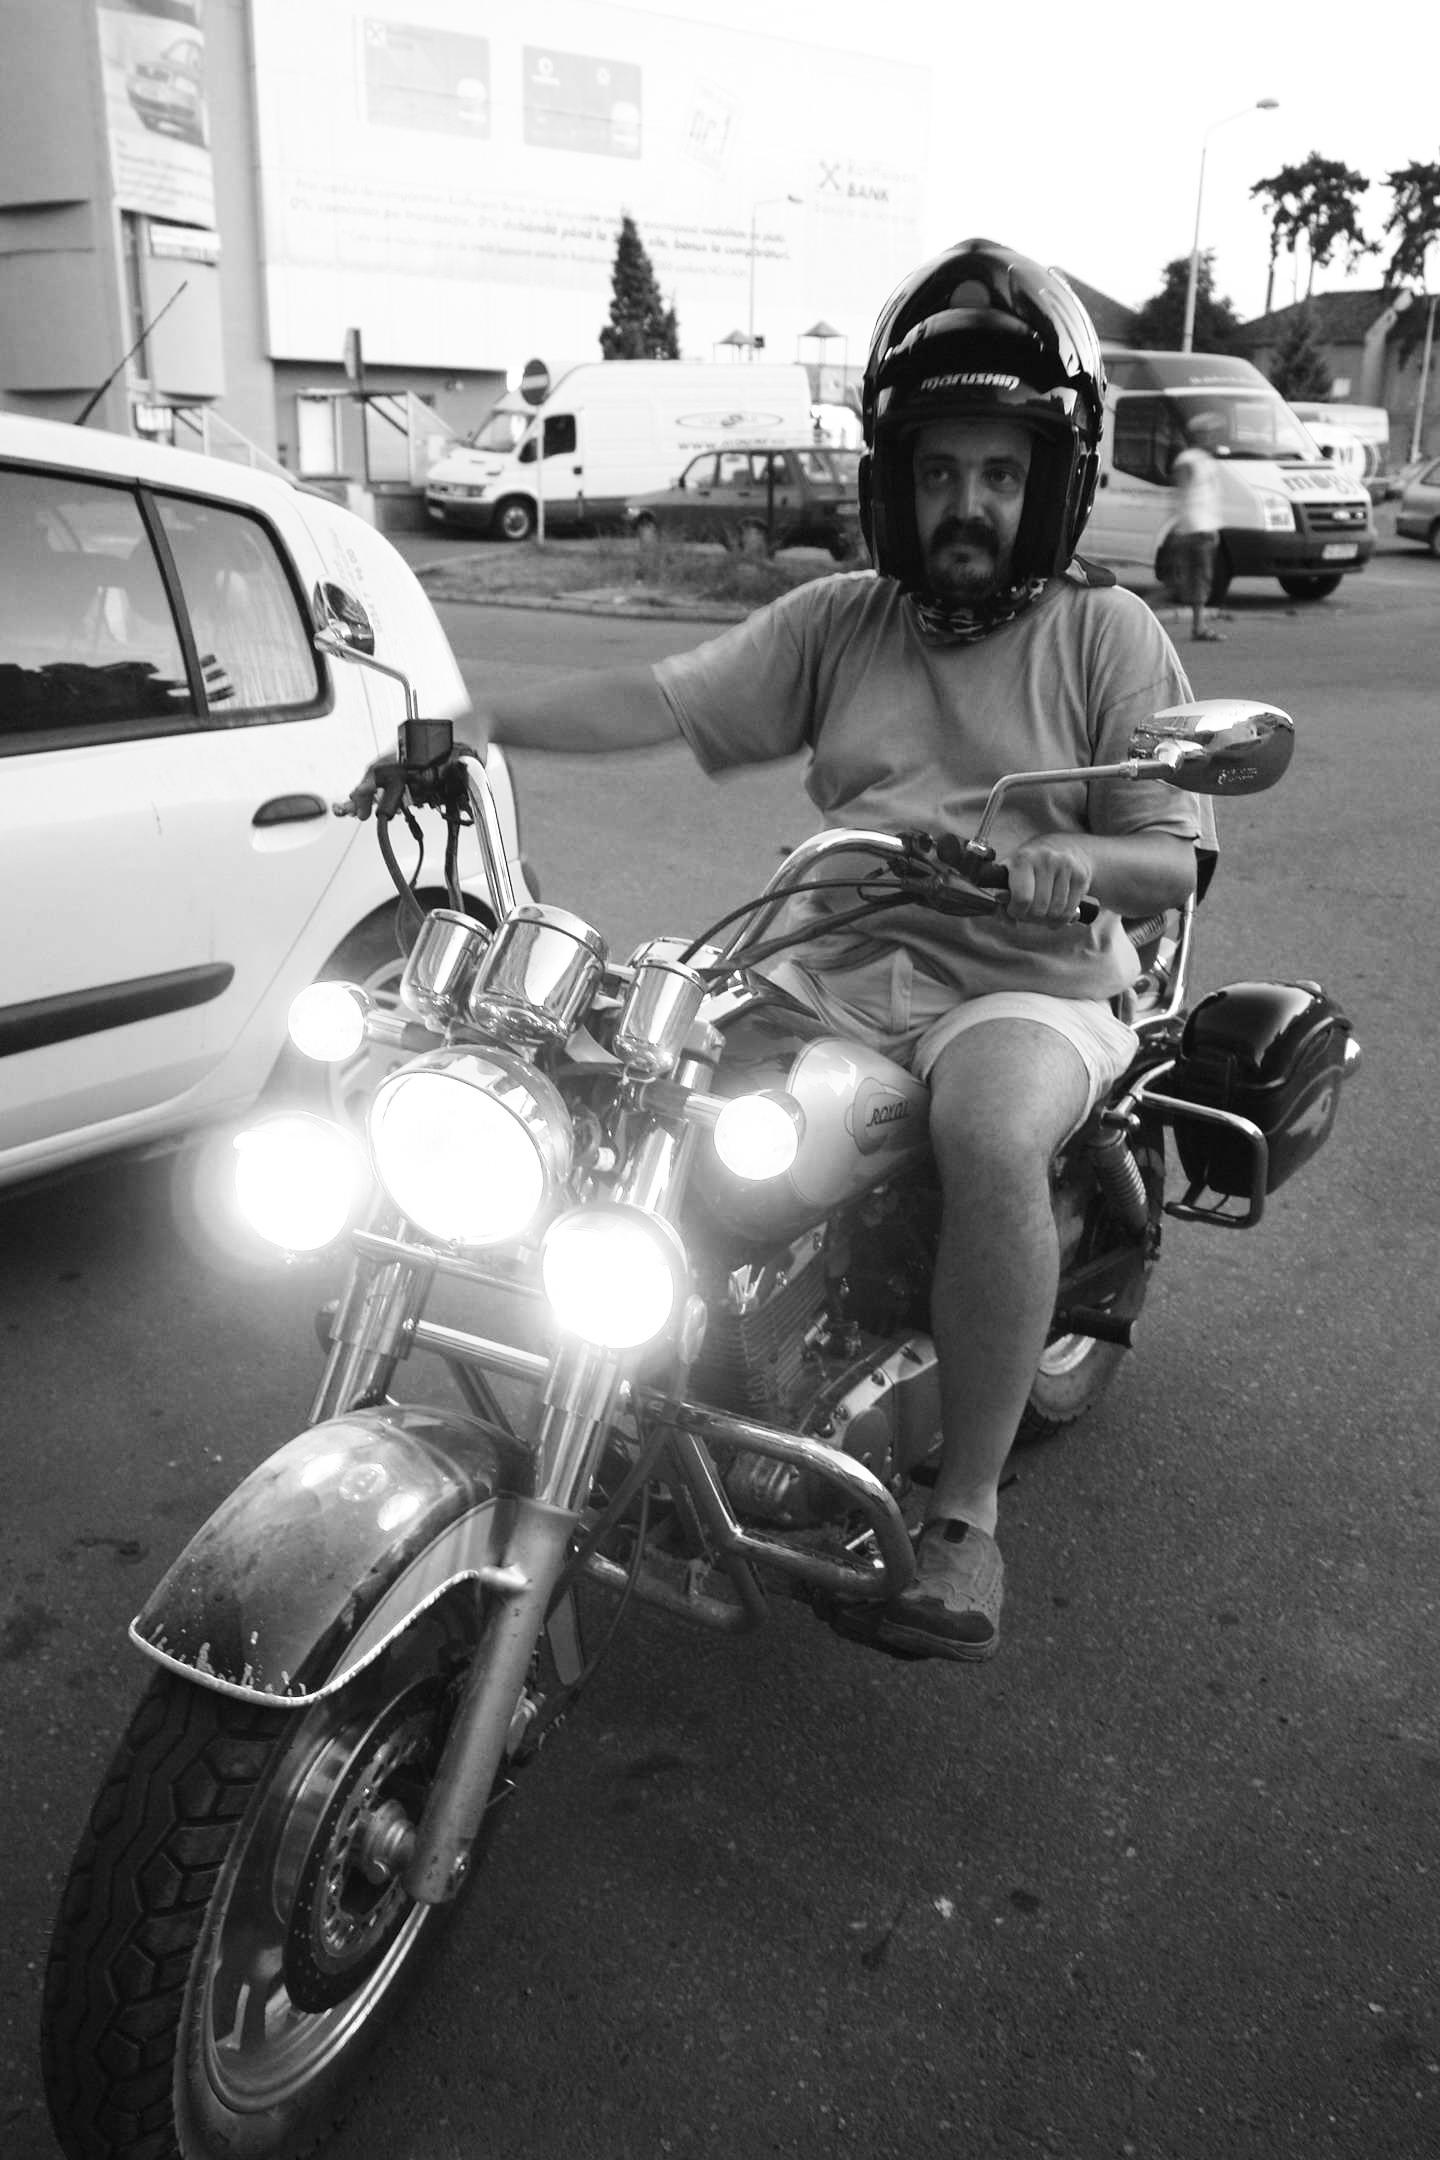 """Vara lui 2012, o perioadă în care microbul motociclismului îl """"prinsese"""" destul de tare"""